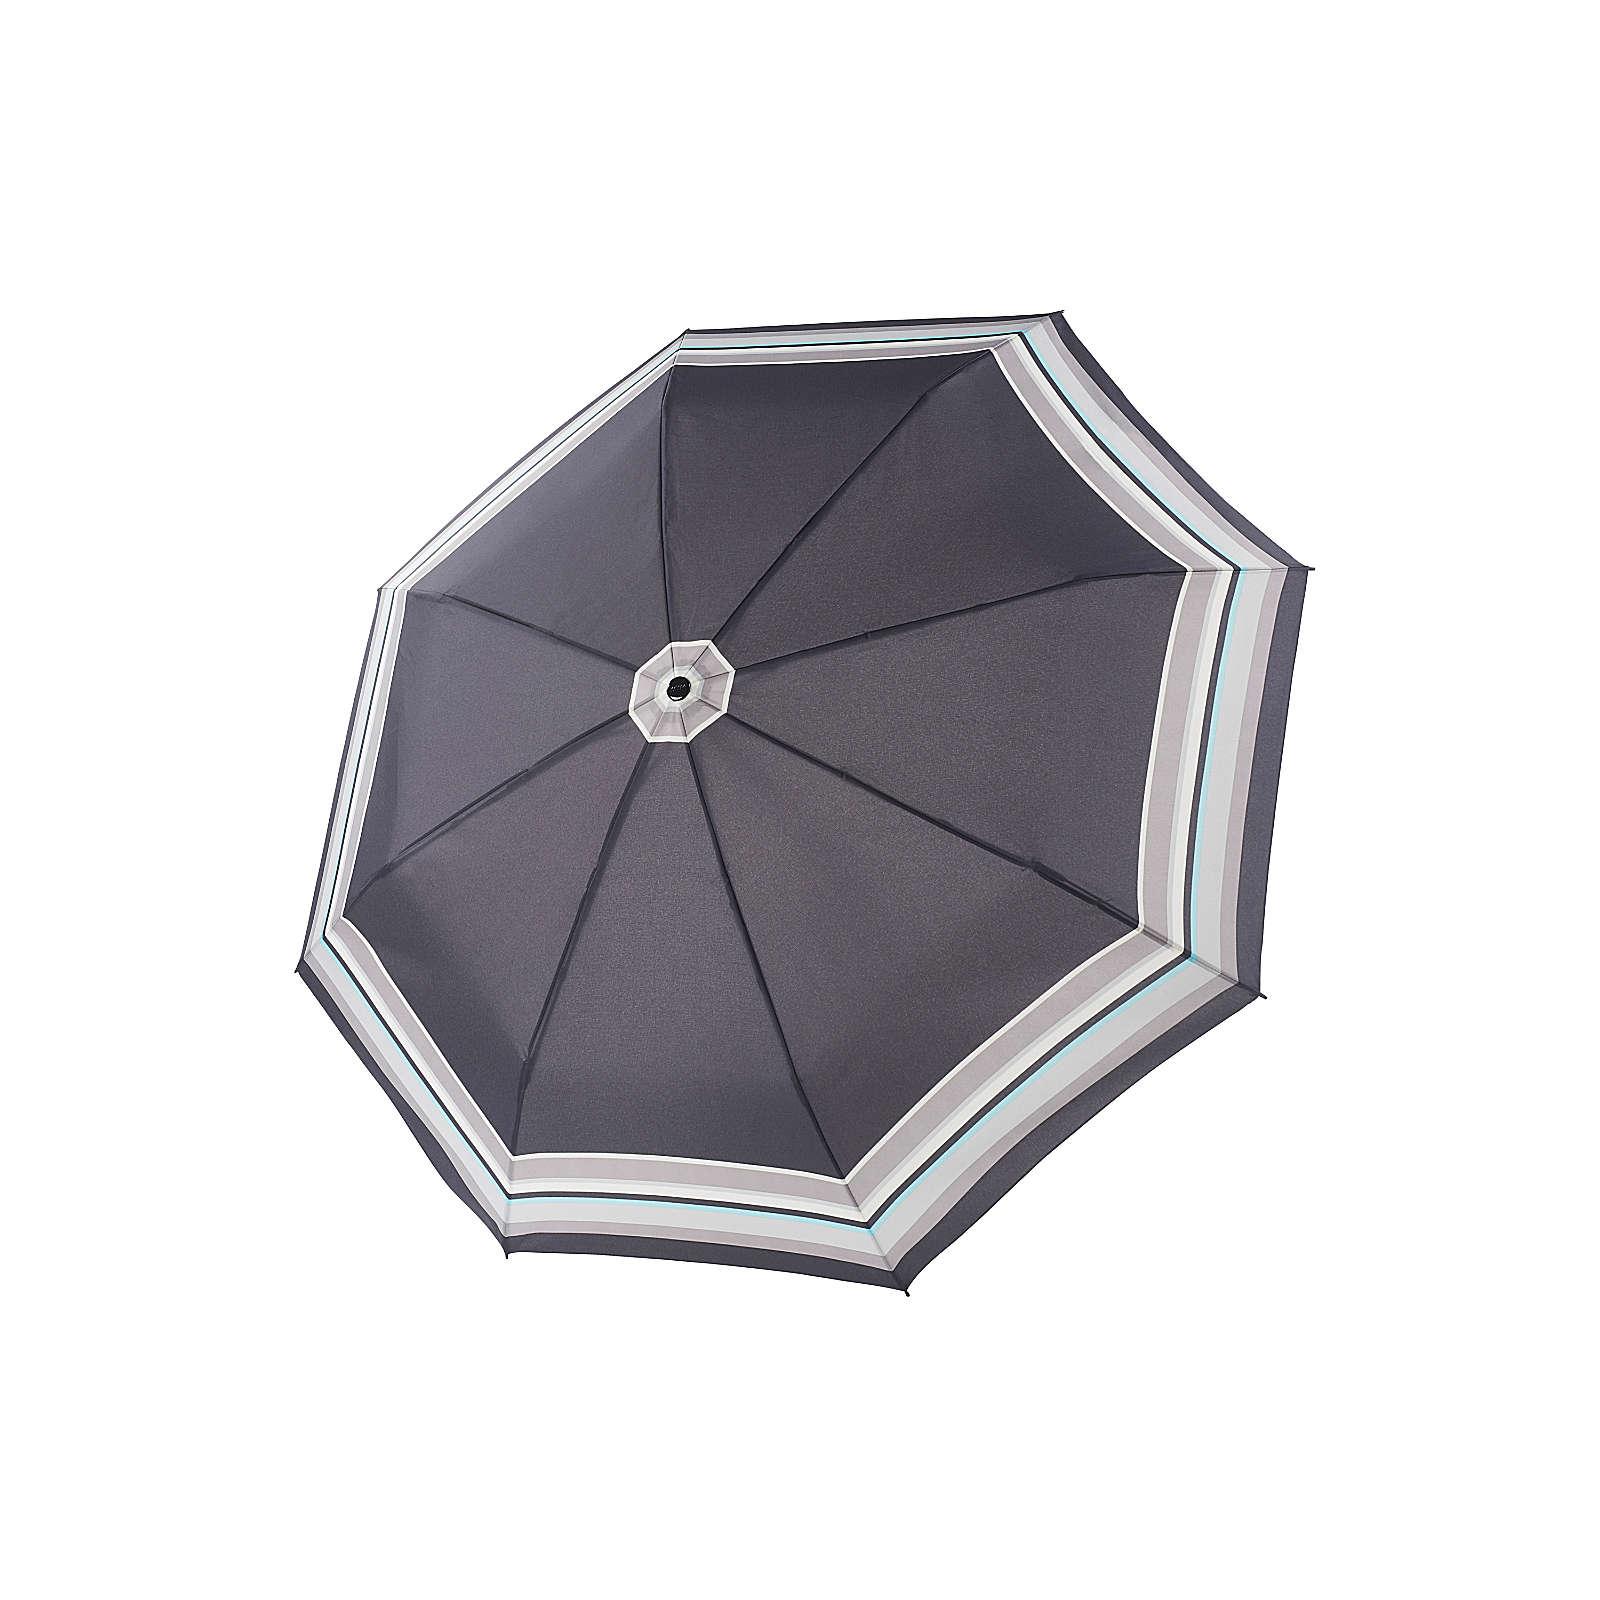 Knirps Regenschirm T200 AMAOCHI Regenschirme schwarz Herren Gr. one size